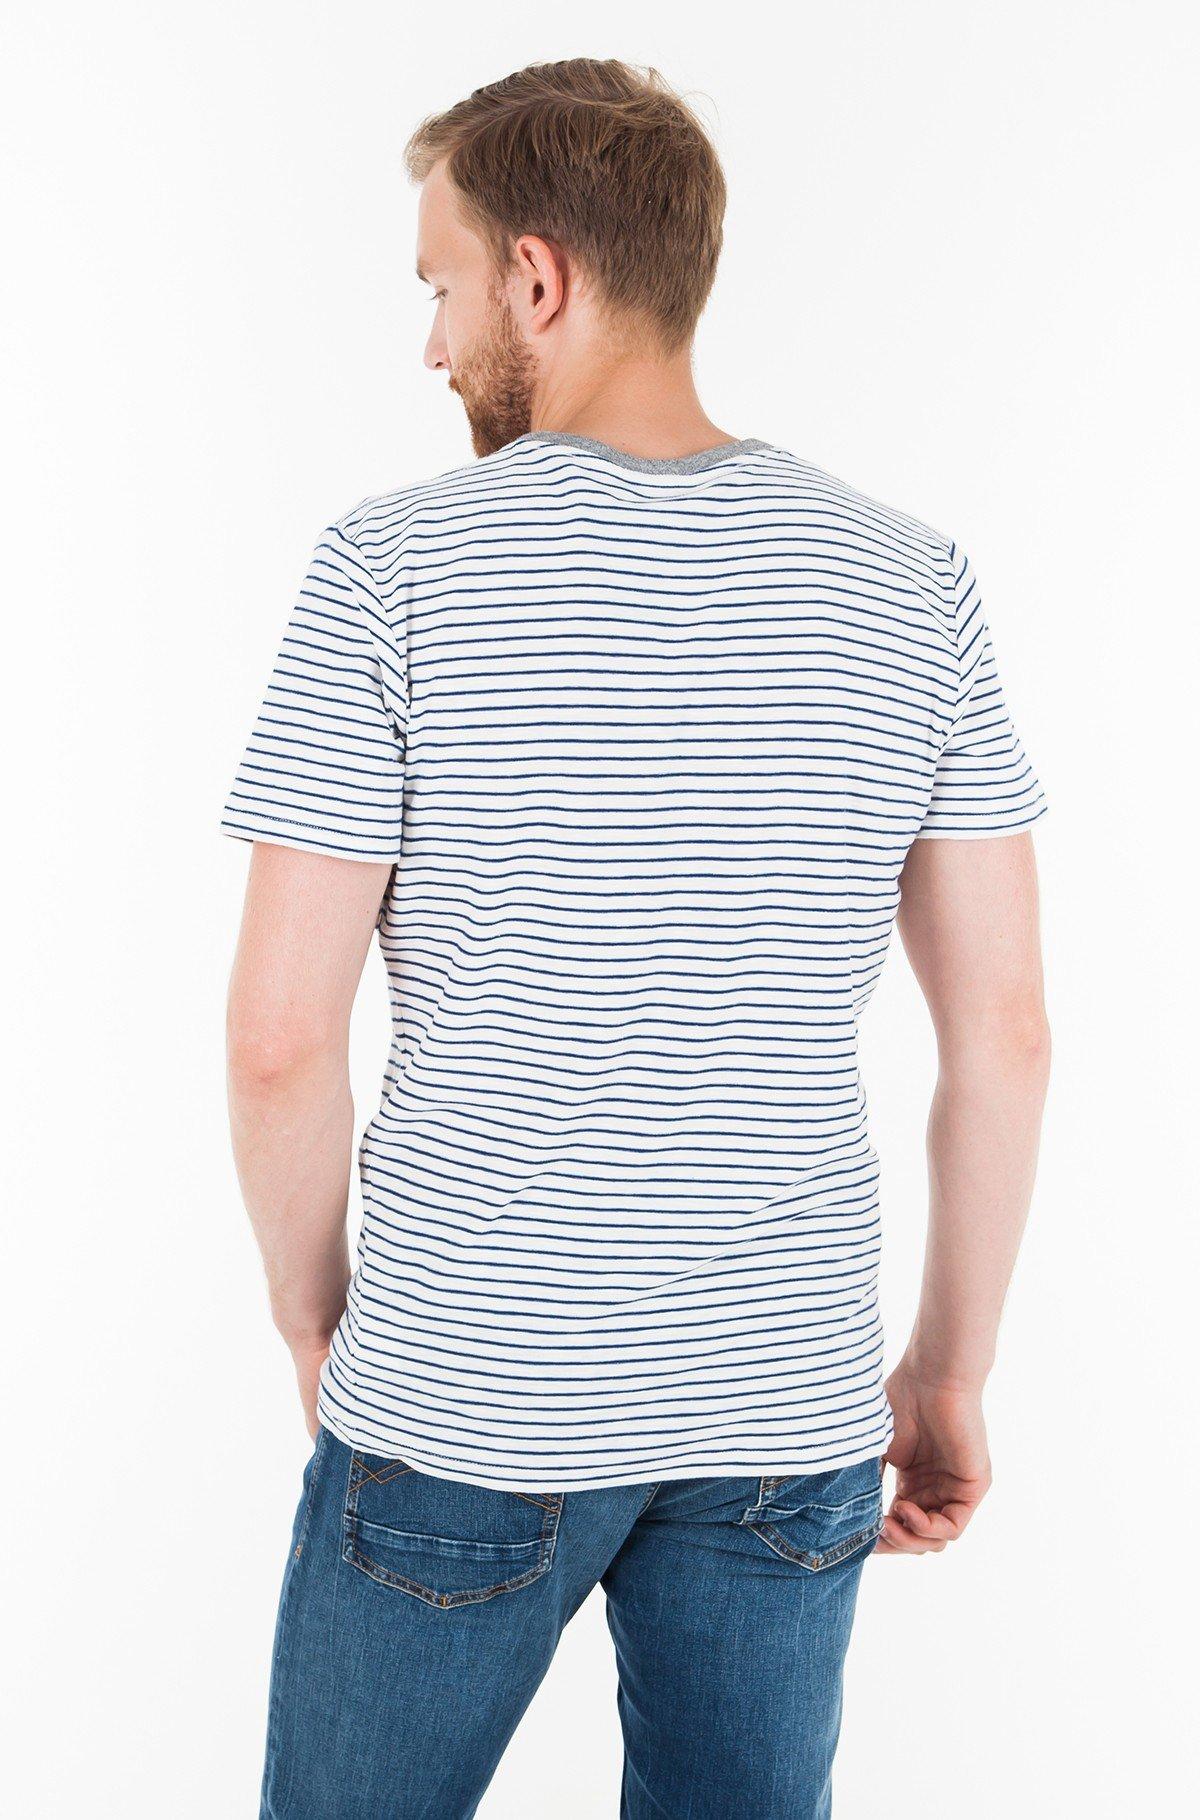 T-shirt MILO/PM505679-full-2